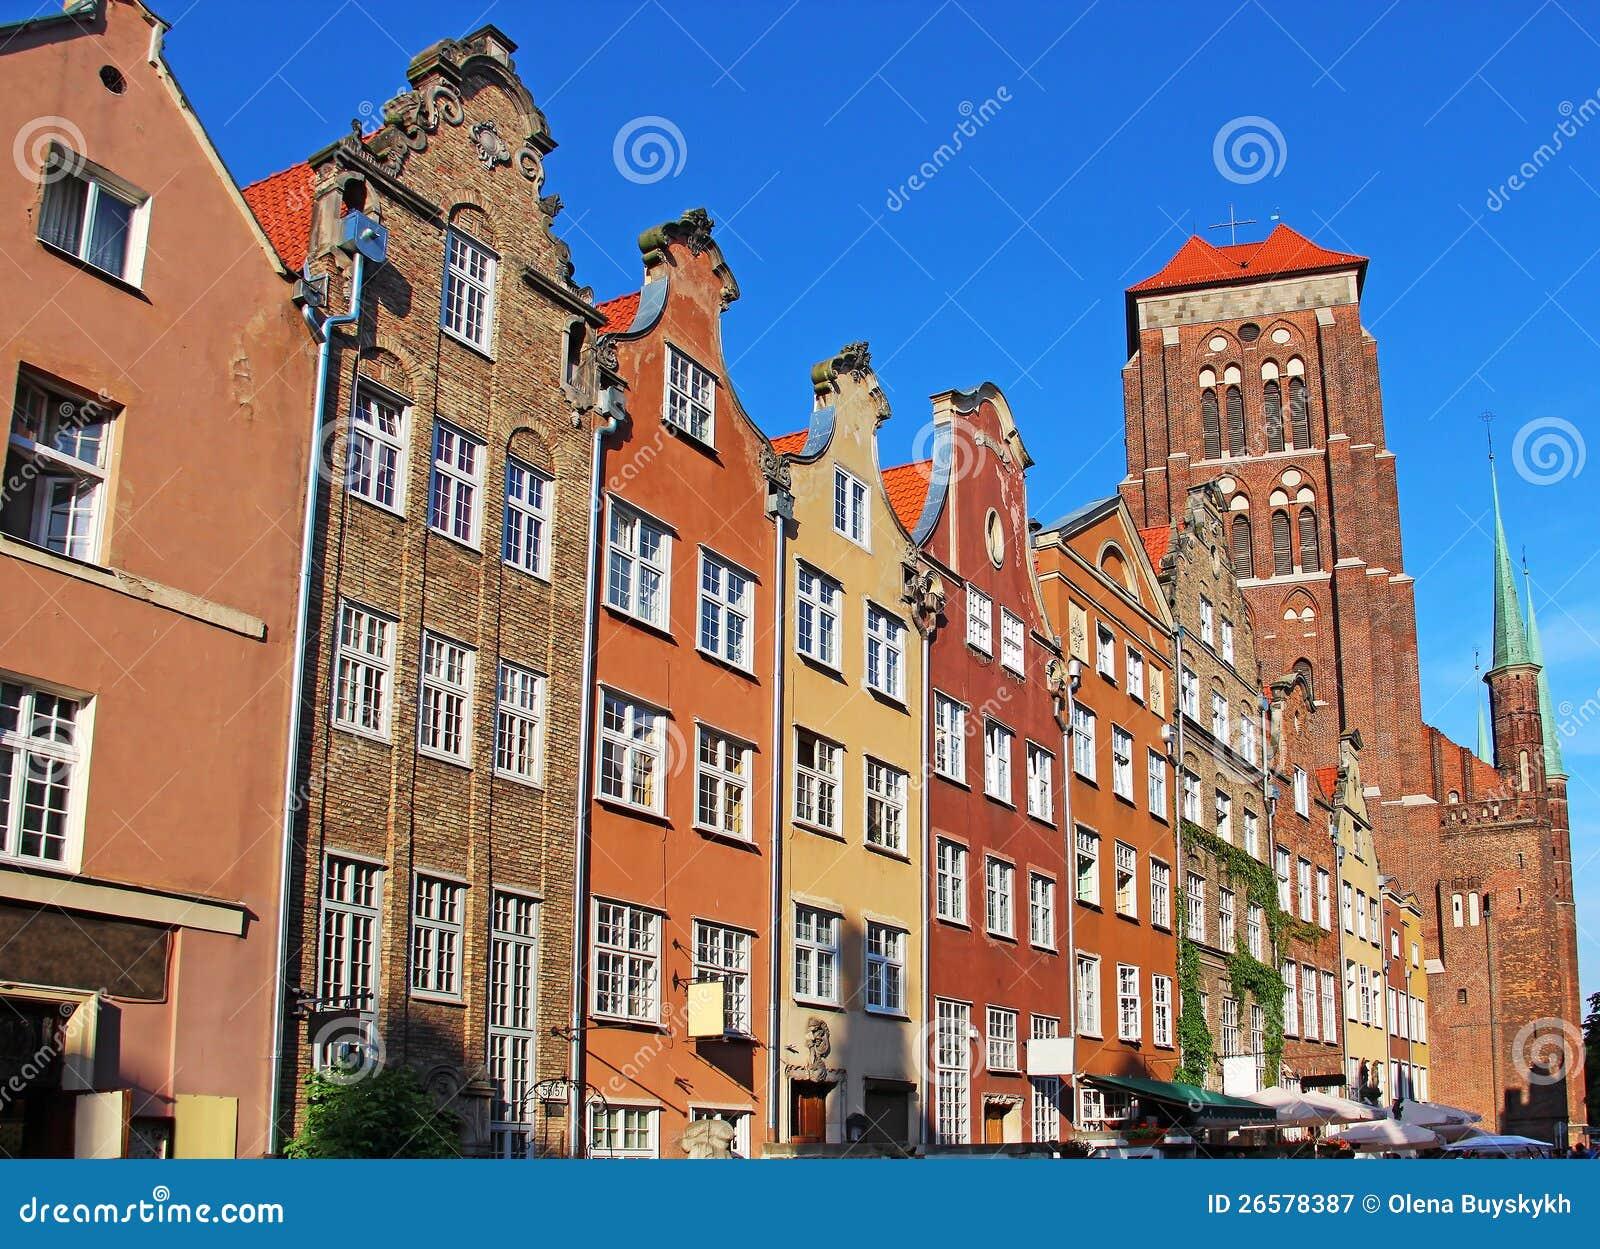 De oude stad van Gdansk, Polen